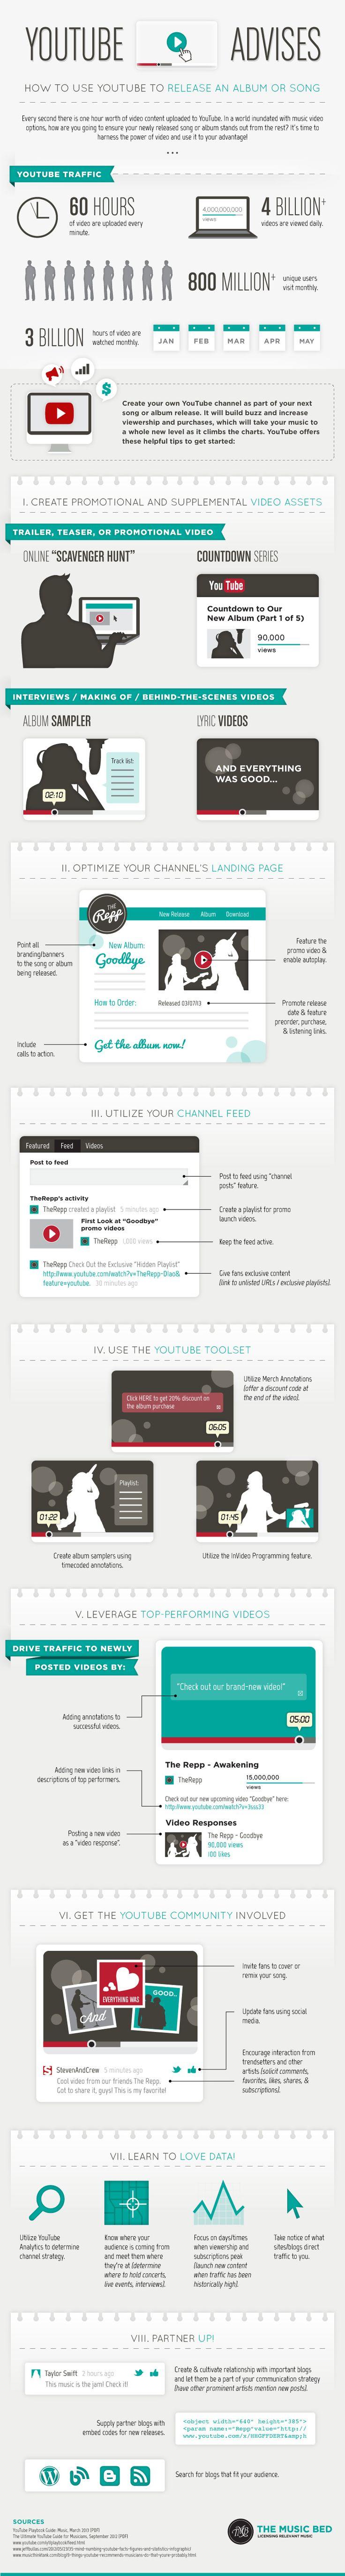 Cómo usar YouTube para promocionar tu música #infografia #infographic #marketing